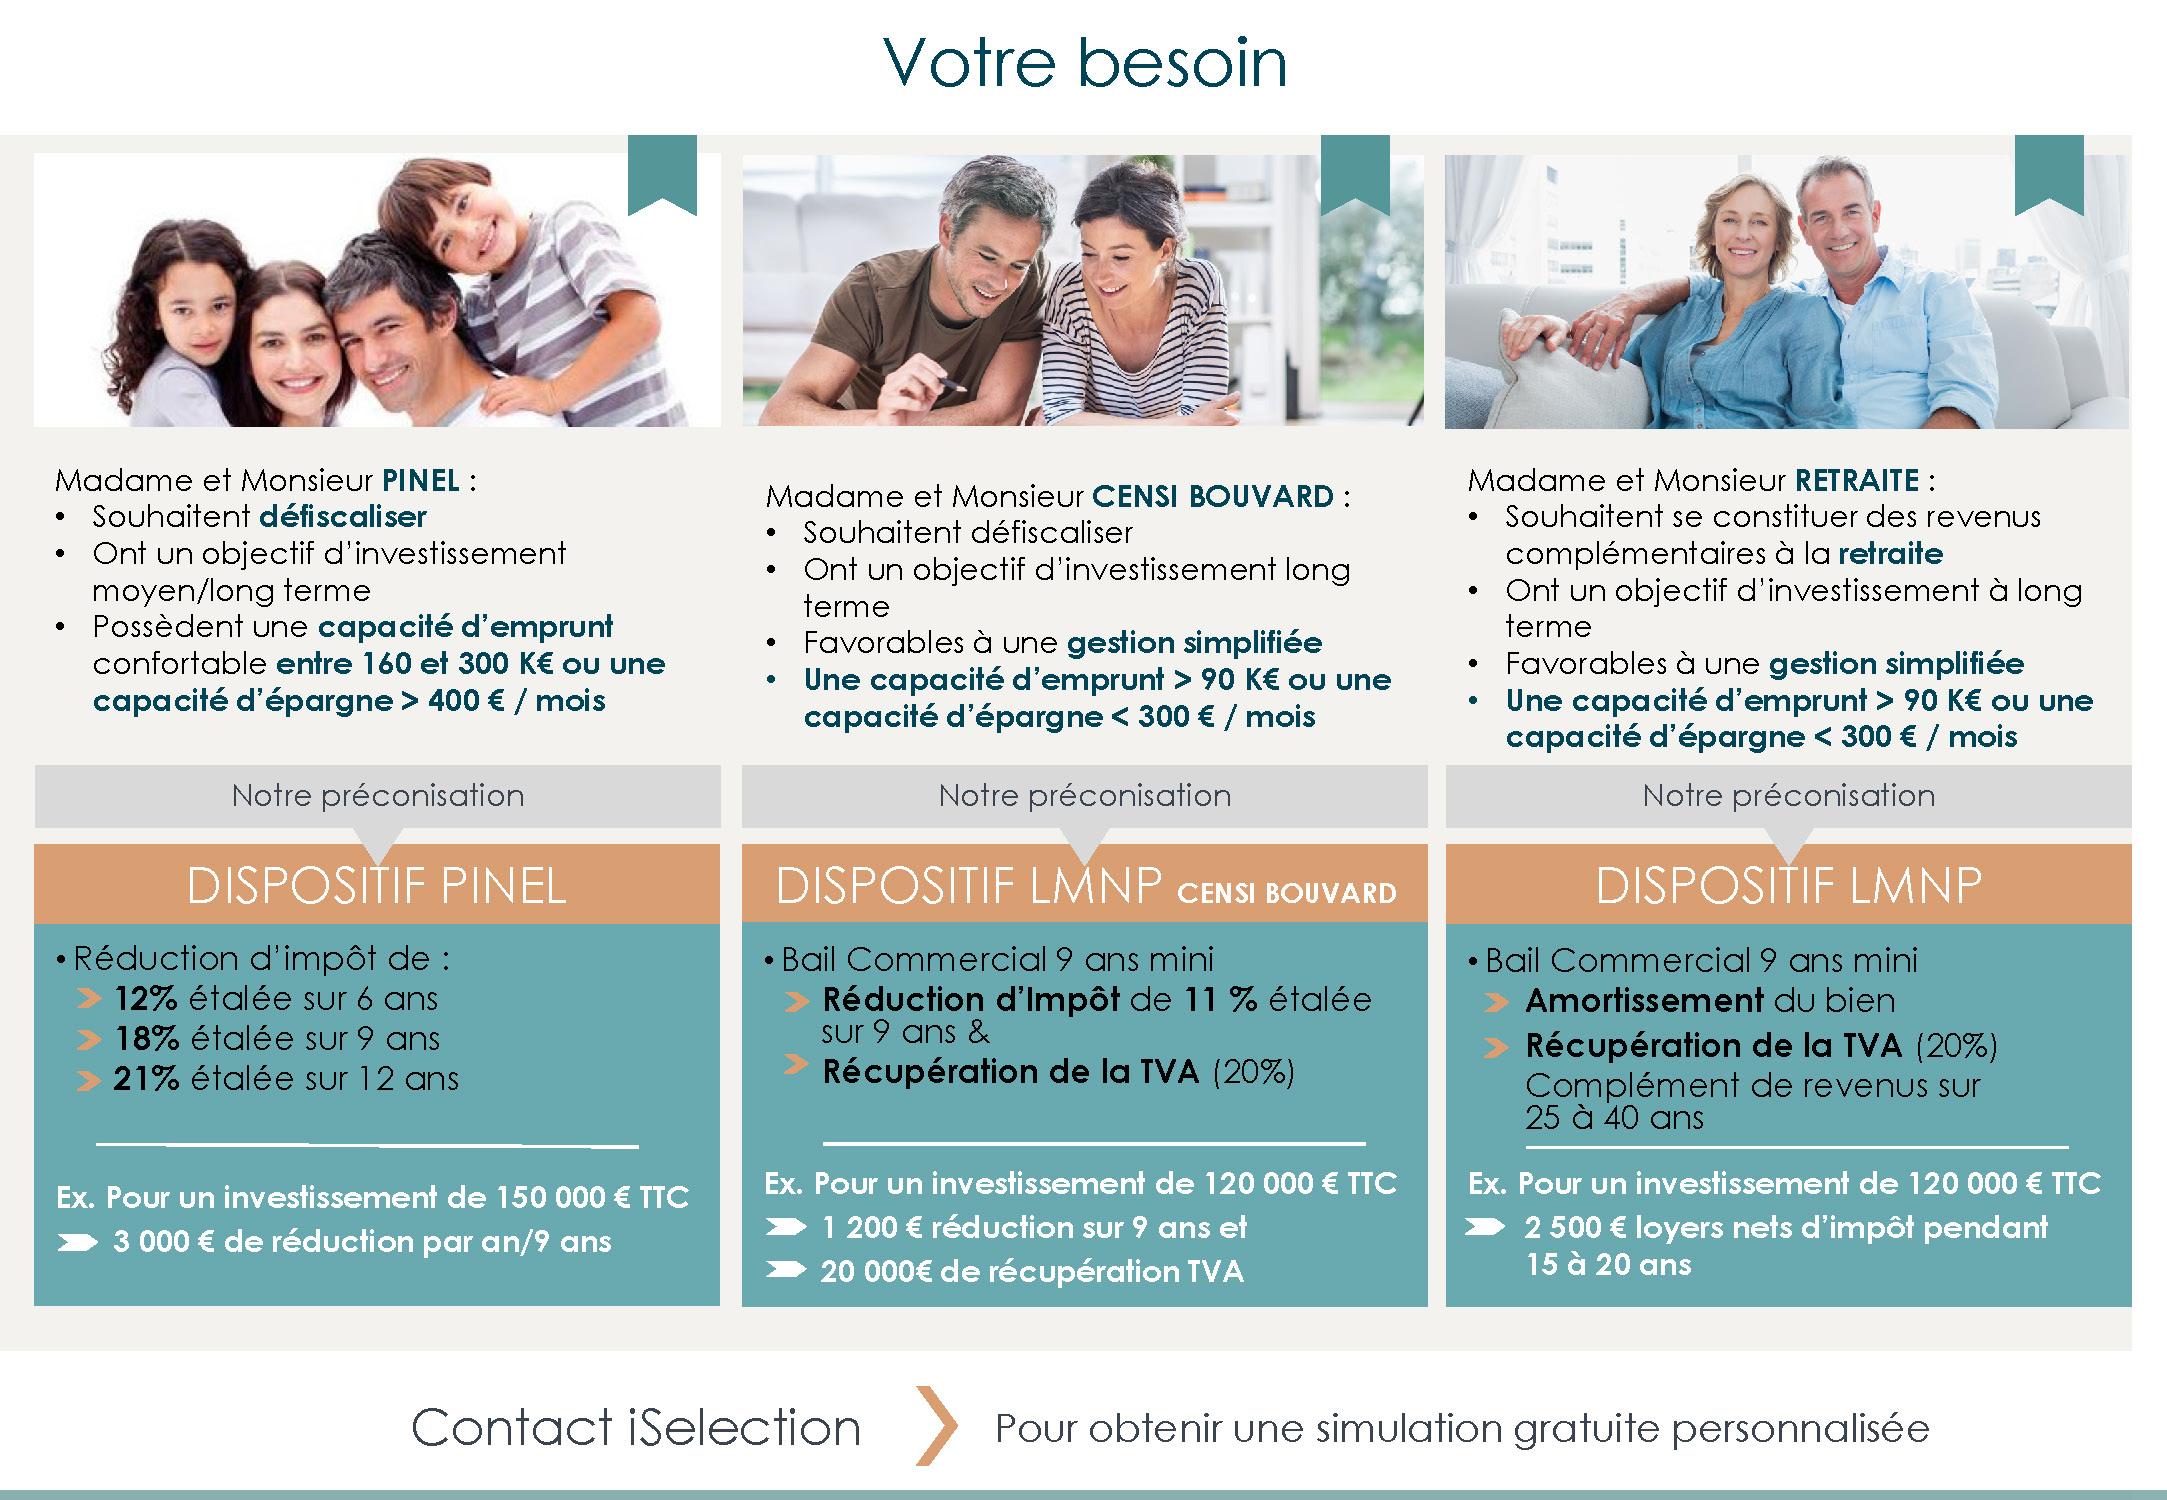 Résumé Préconisation investissement locatif iSelection